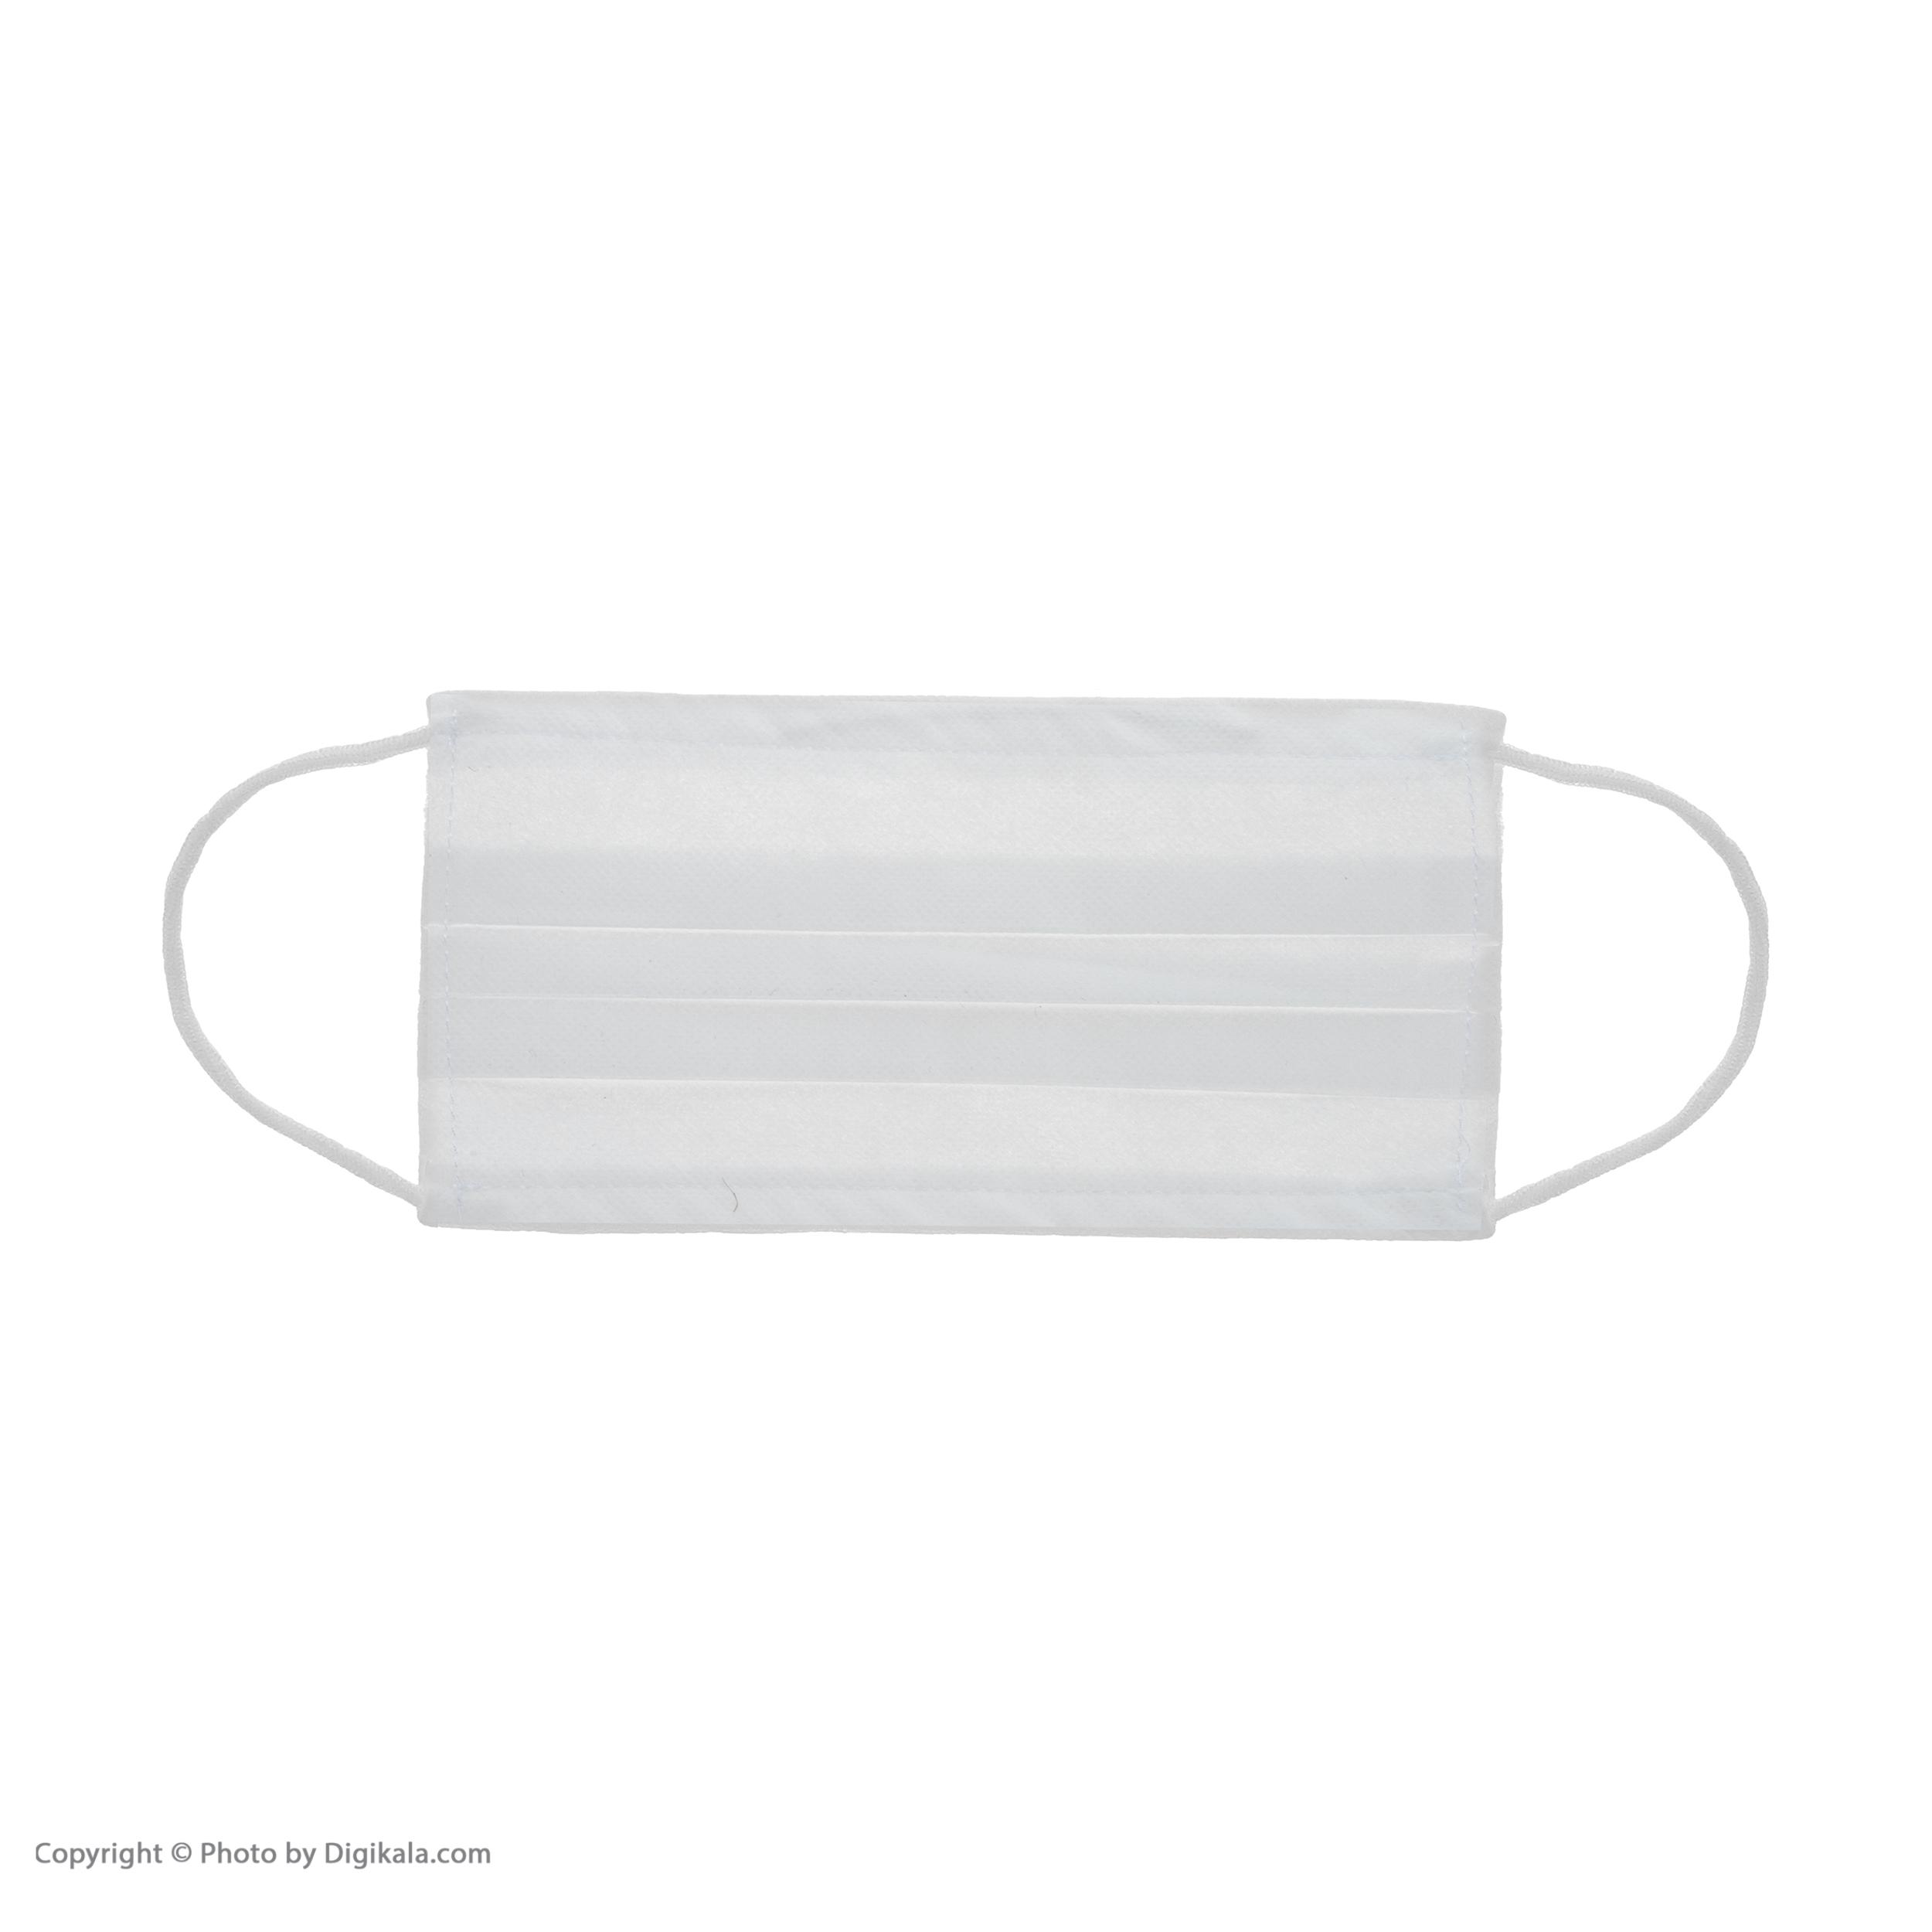 ماسک تنفسی مدل M03 بسته 50 عددی